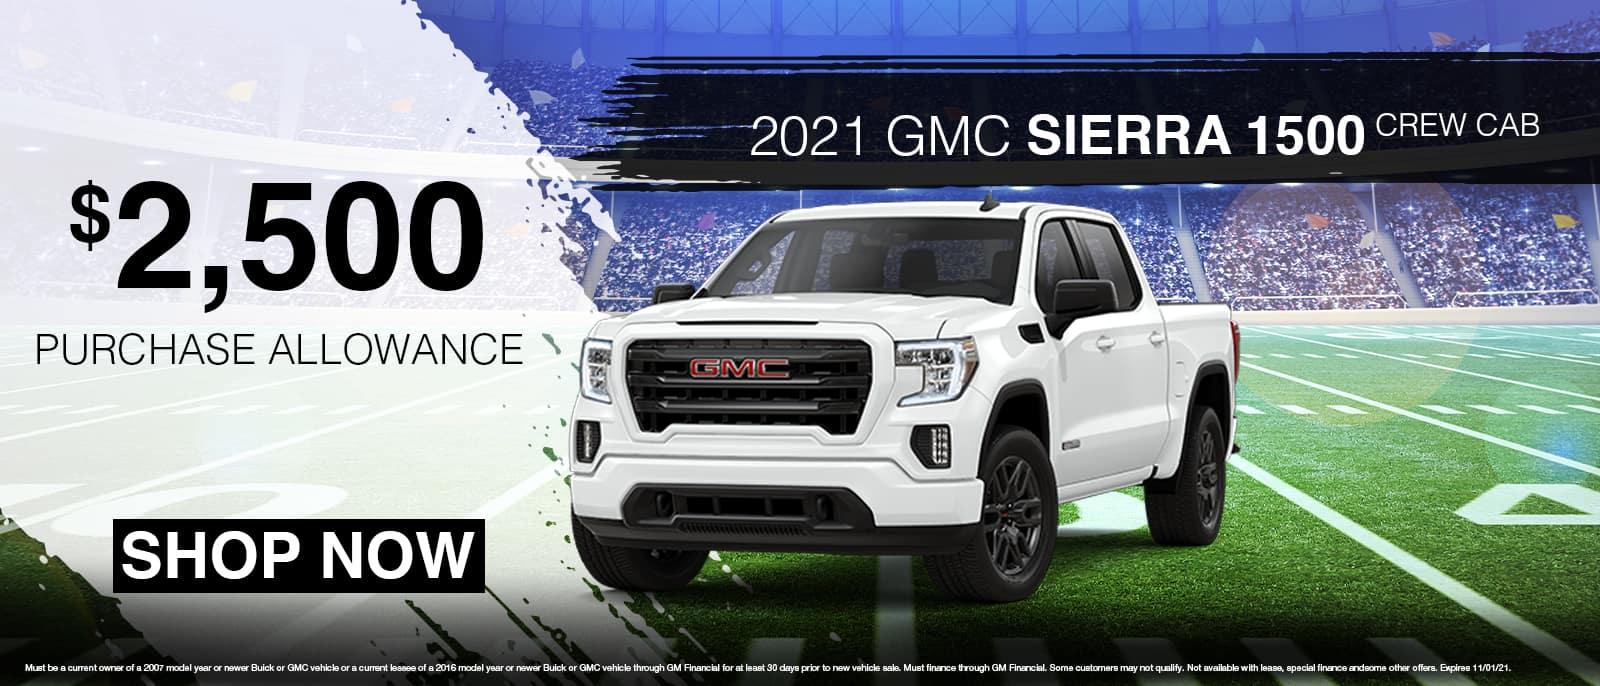 151-1021-DCB17960_sierra